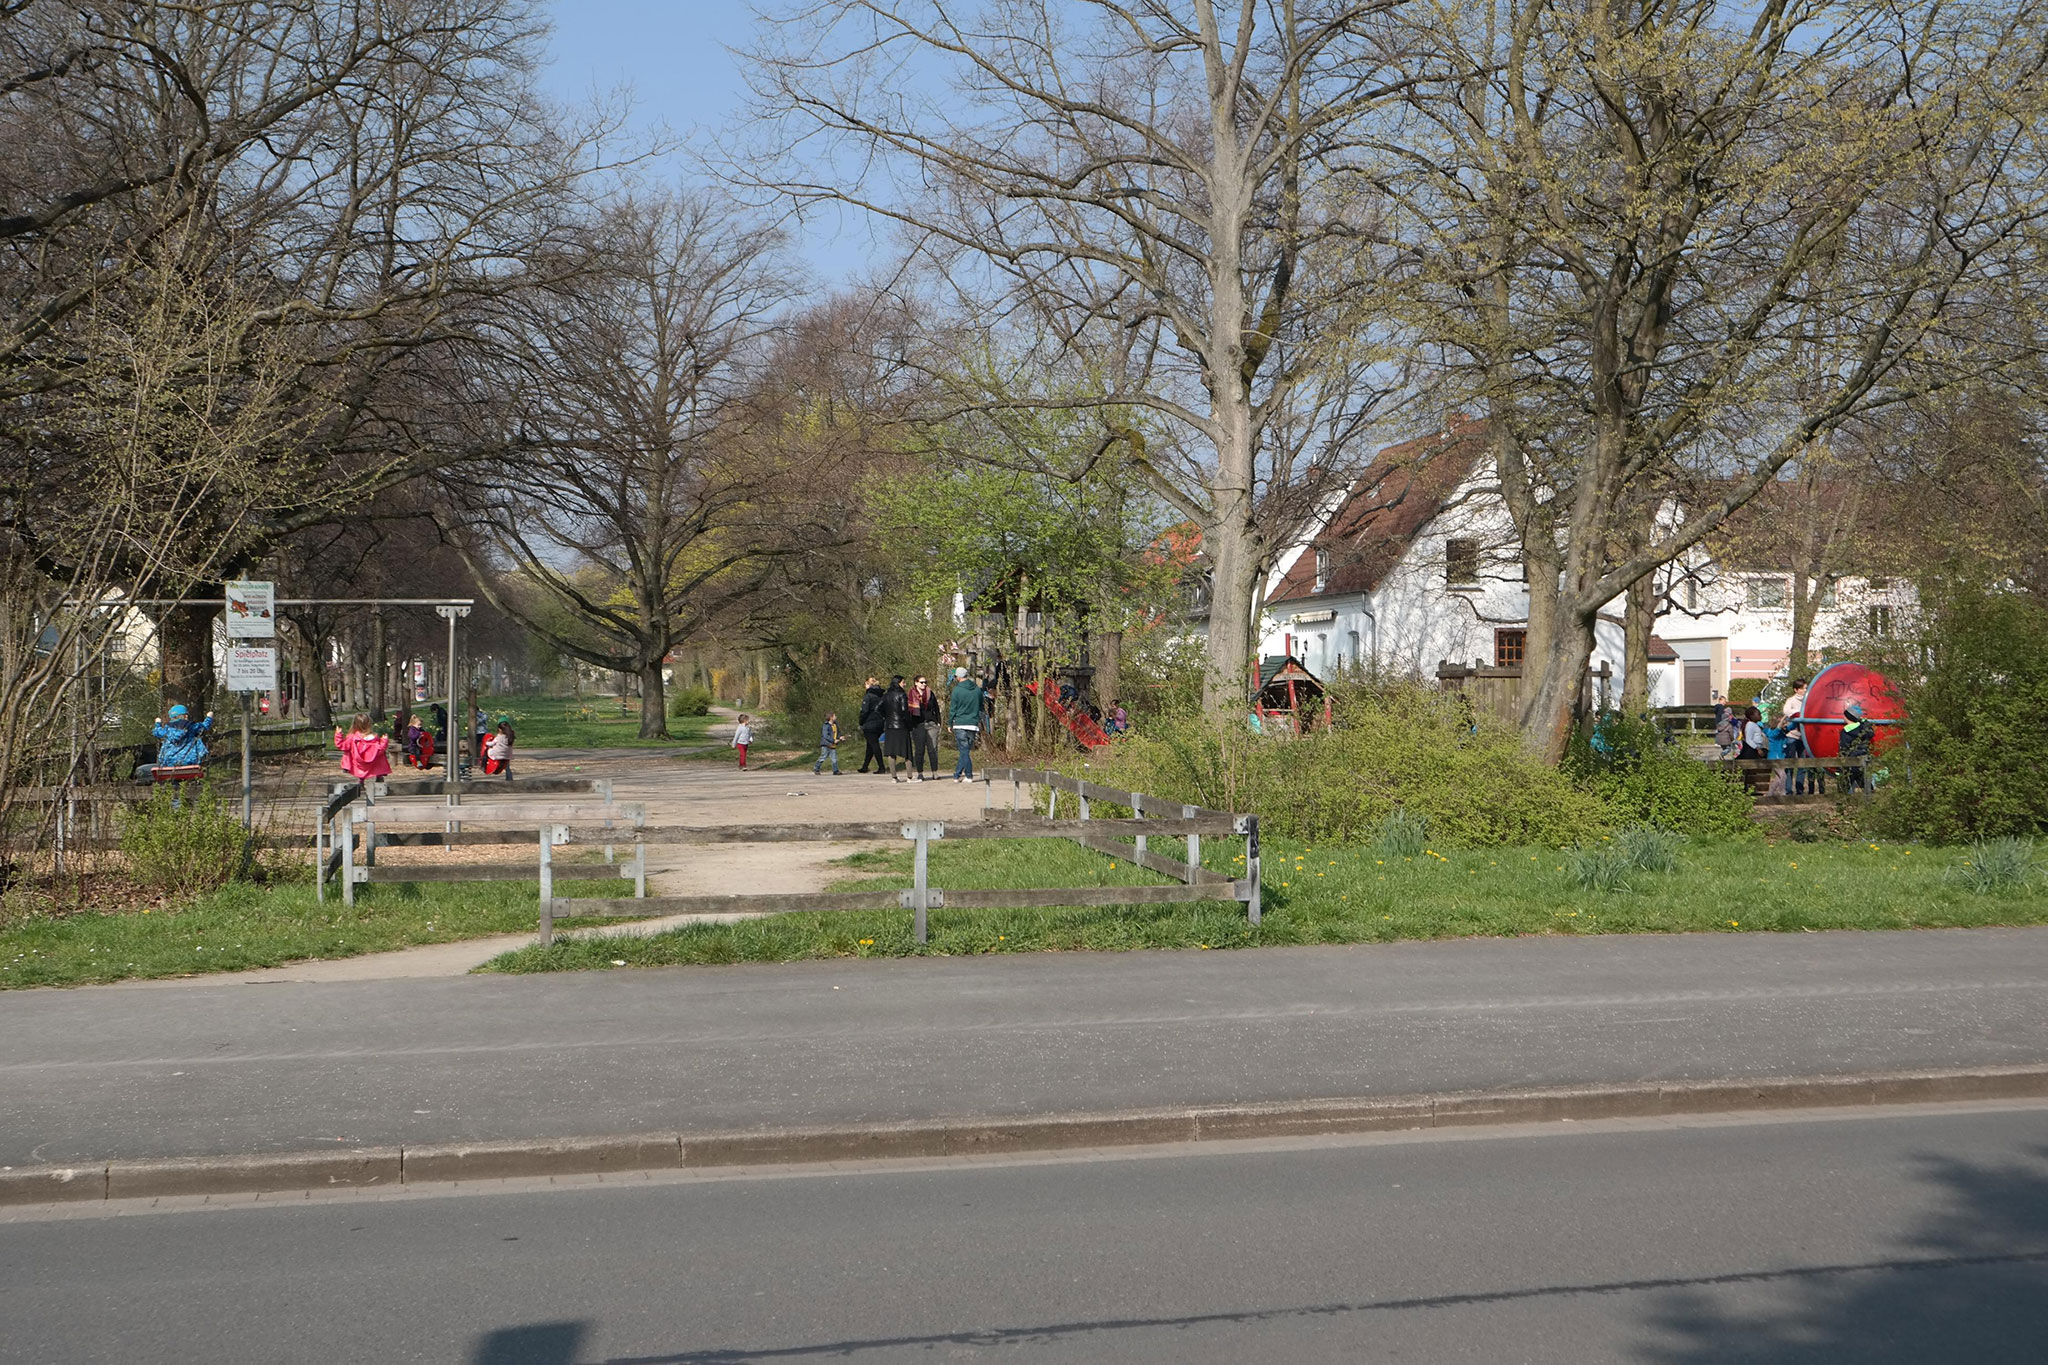 Spielplatz in der Pyrmonter Straße